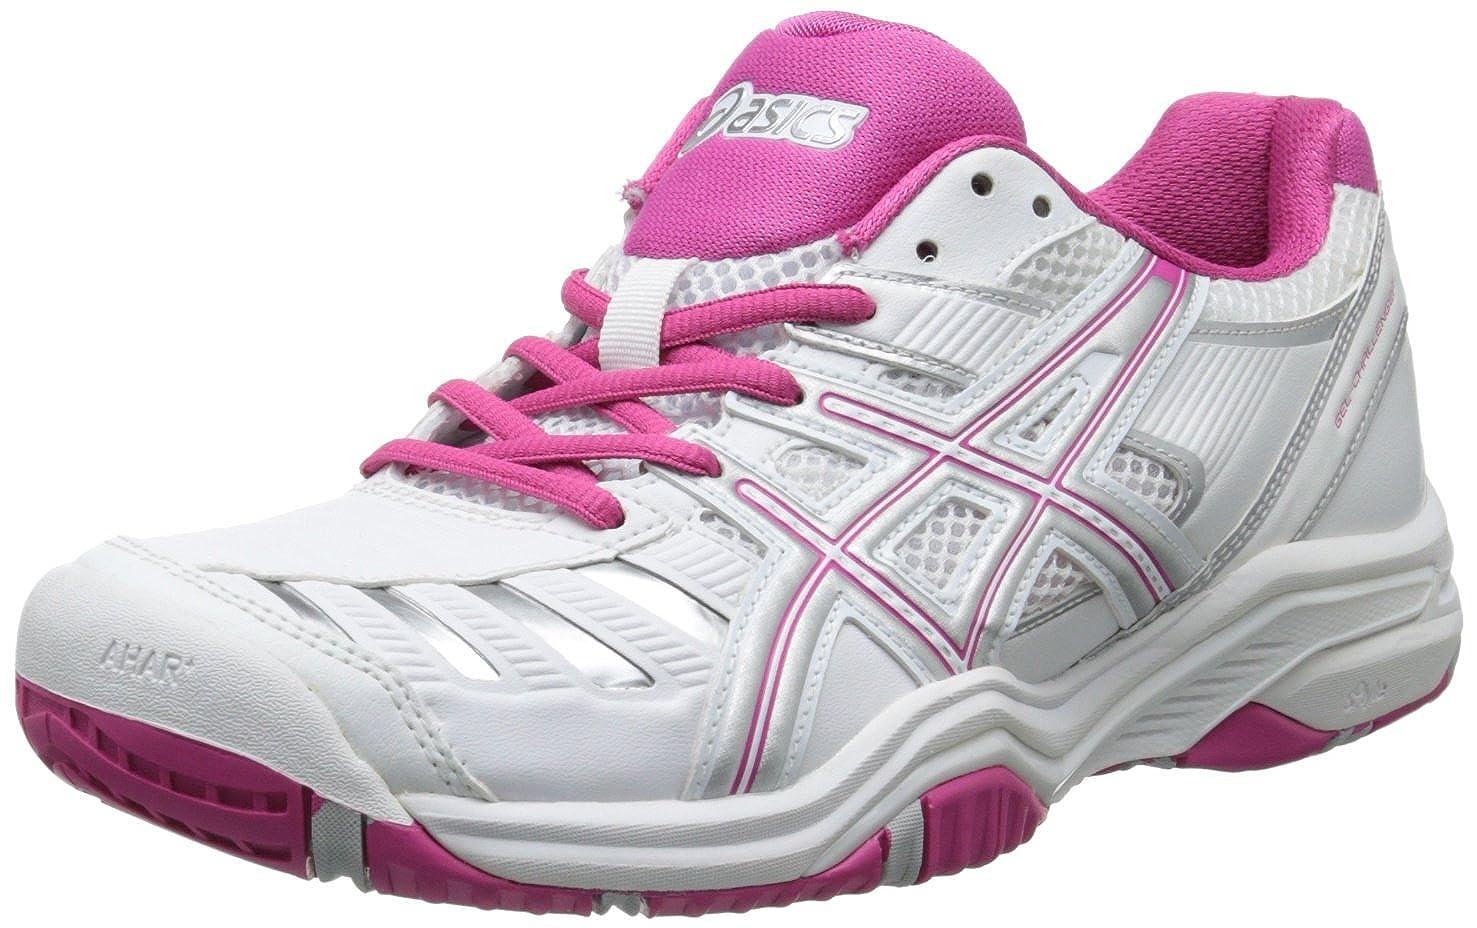 chaussures de sport d1bf7 98bdd ASICS Women's Gel-Challenger 9 Tennis Shoe